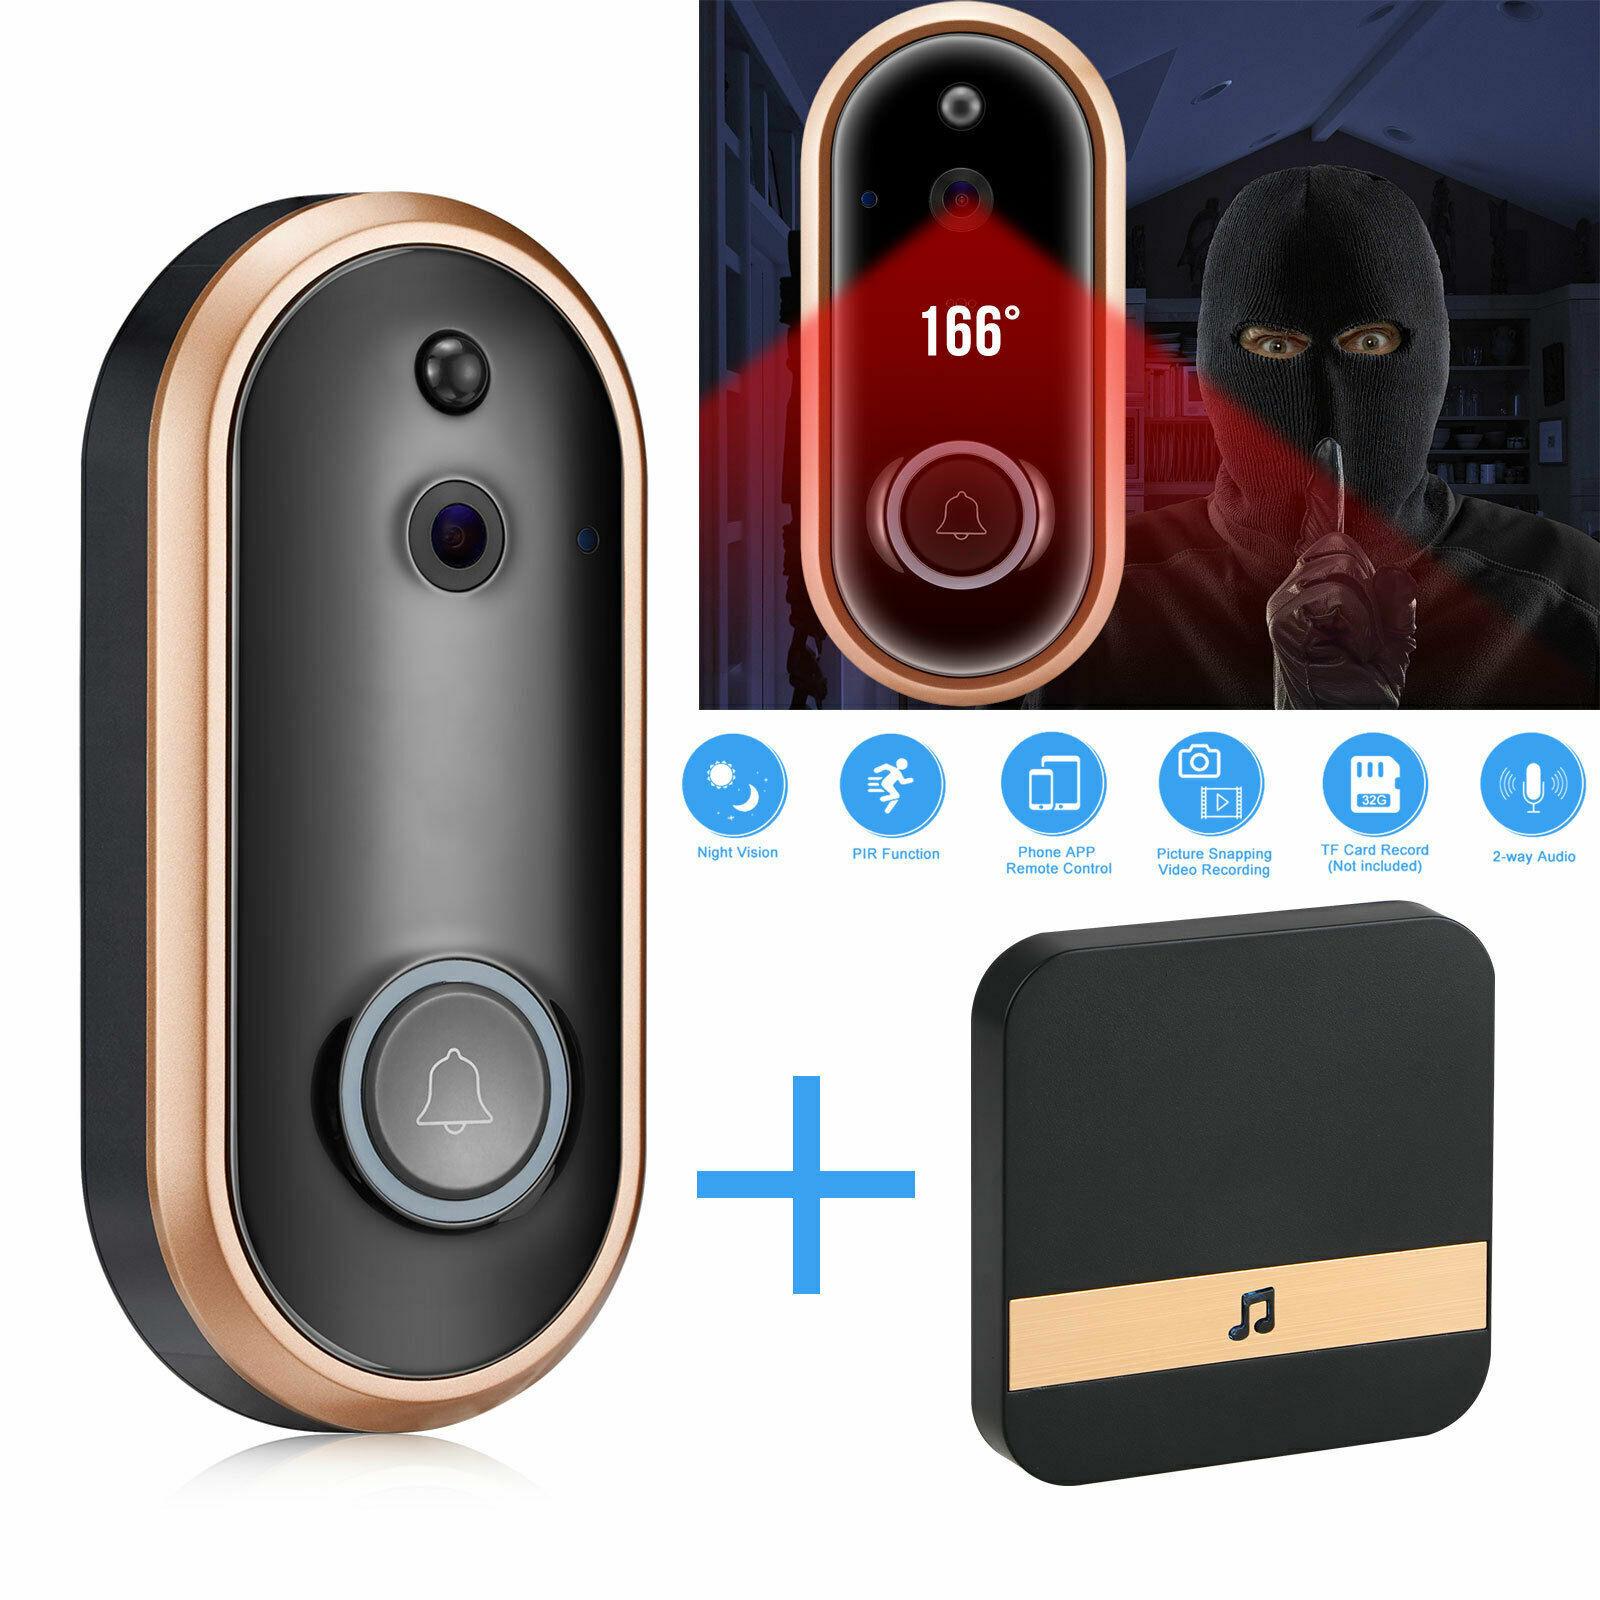 720 1080p Smart WiFi Video Doorbell Security Intercom Doorphone Lower Power